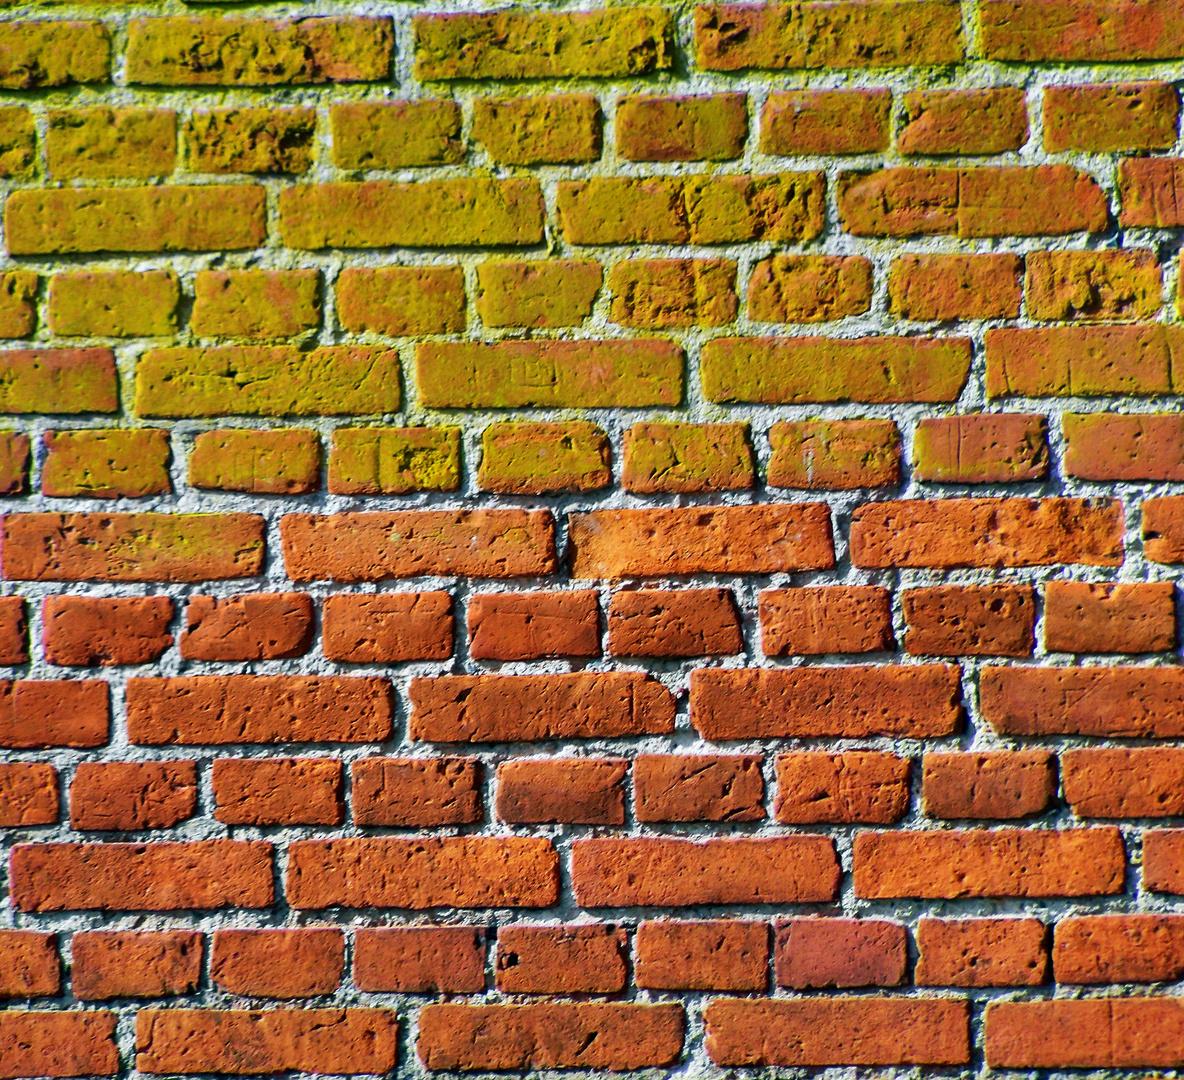 many bricks in the wall